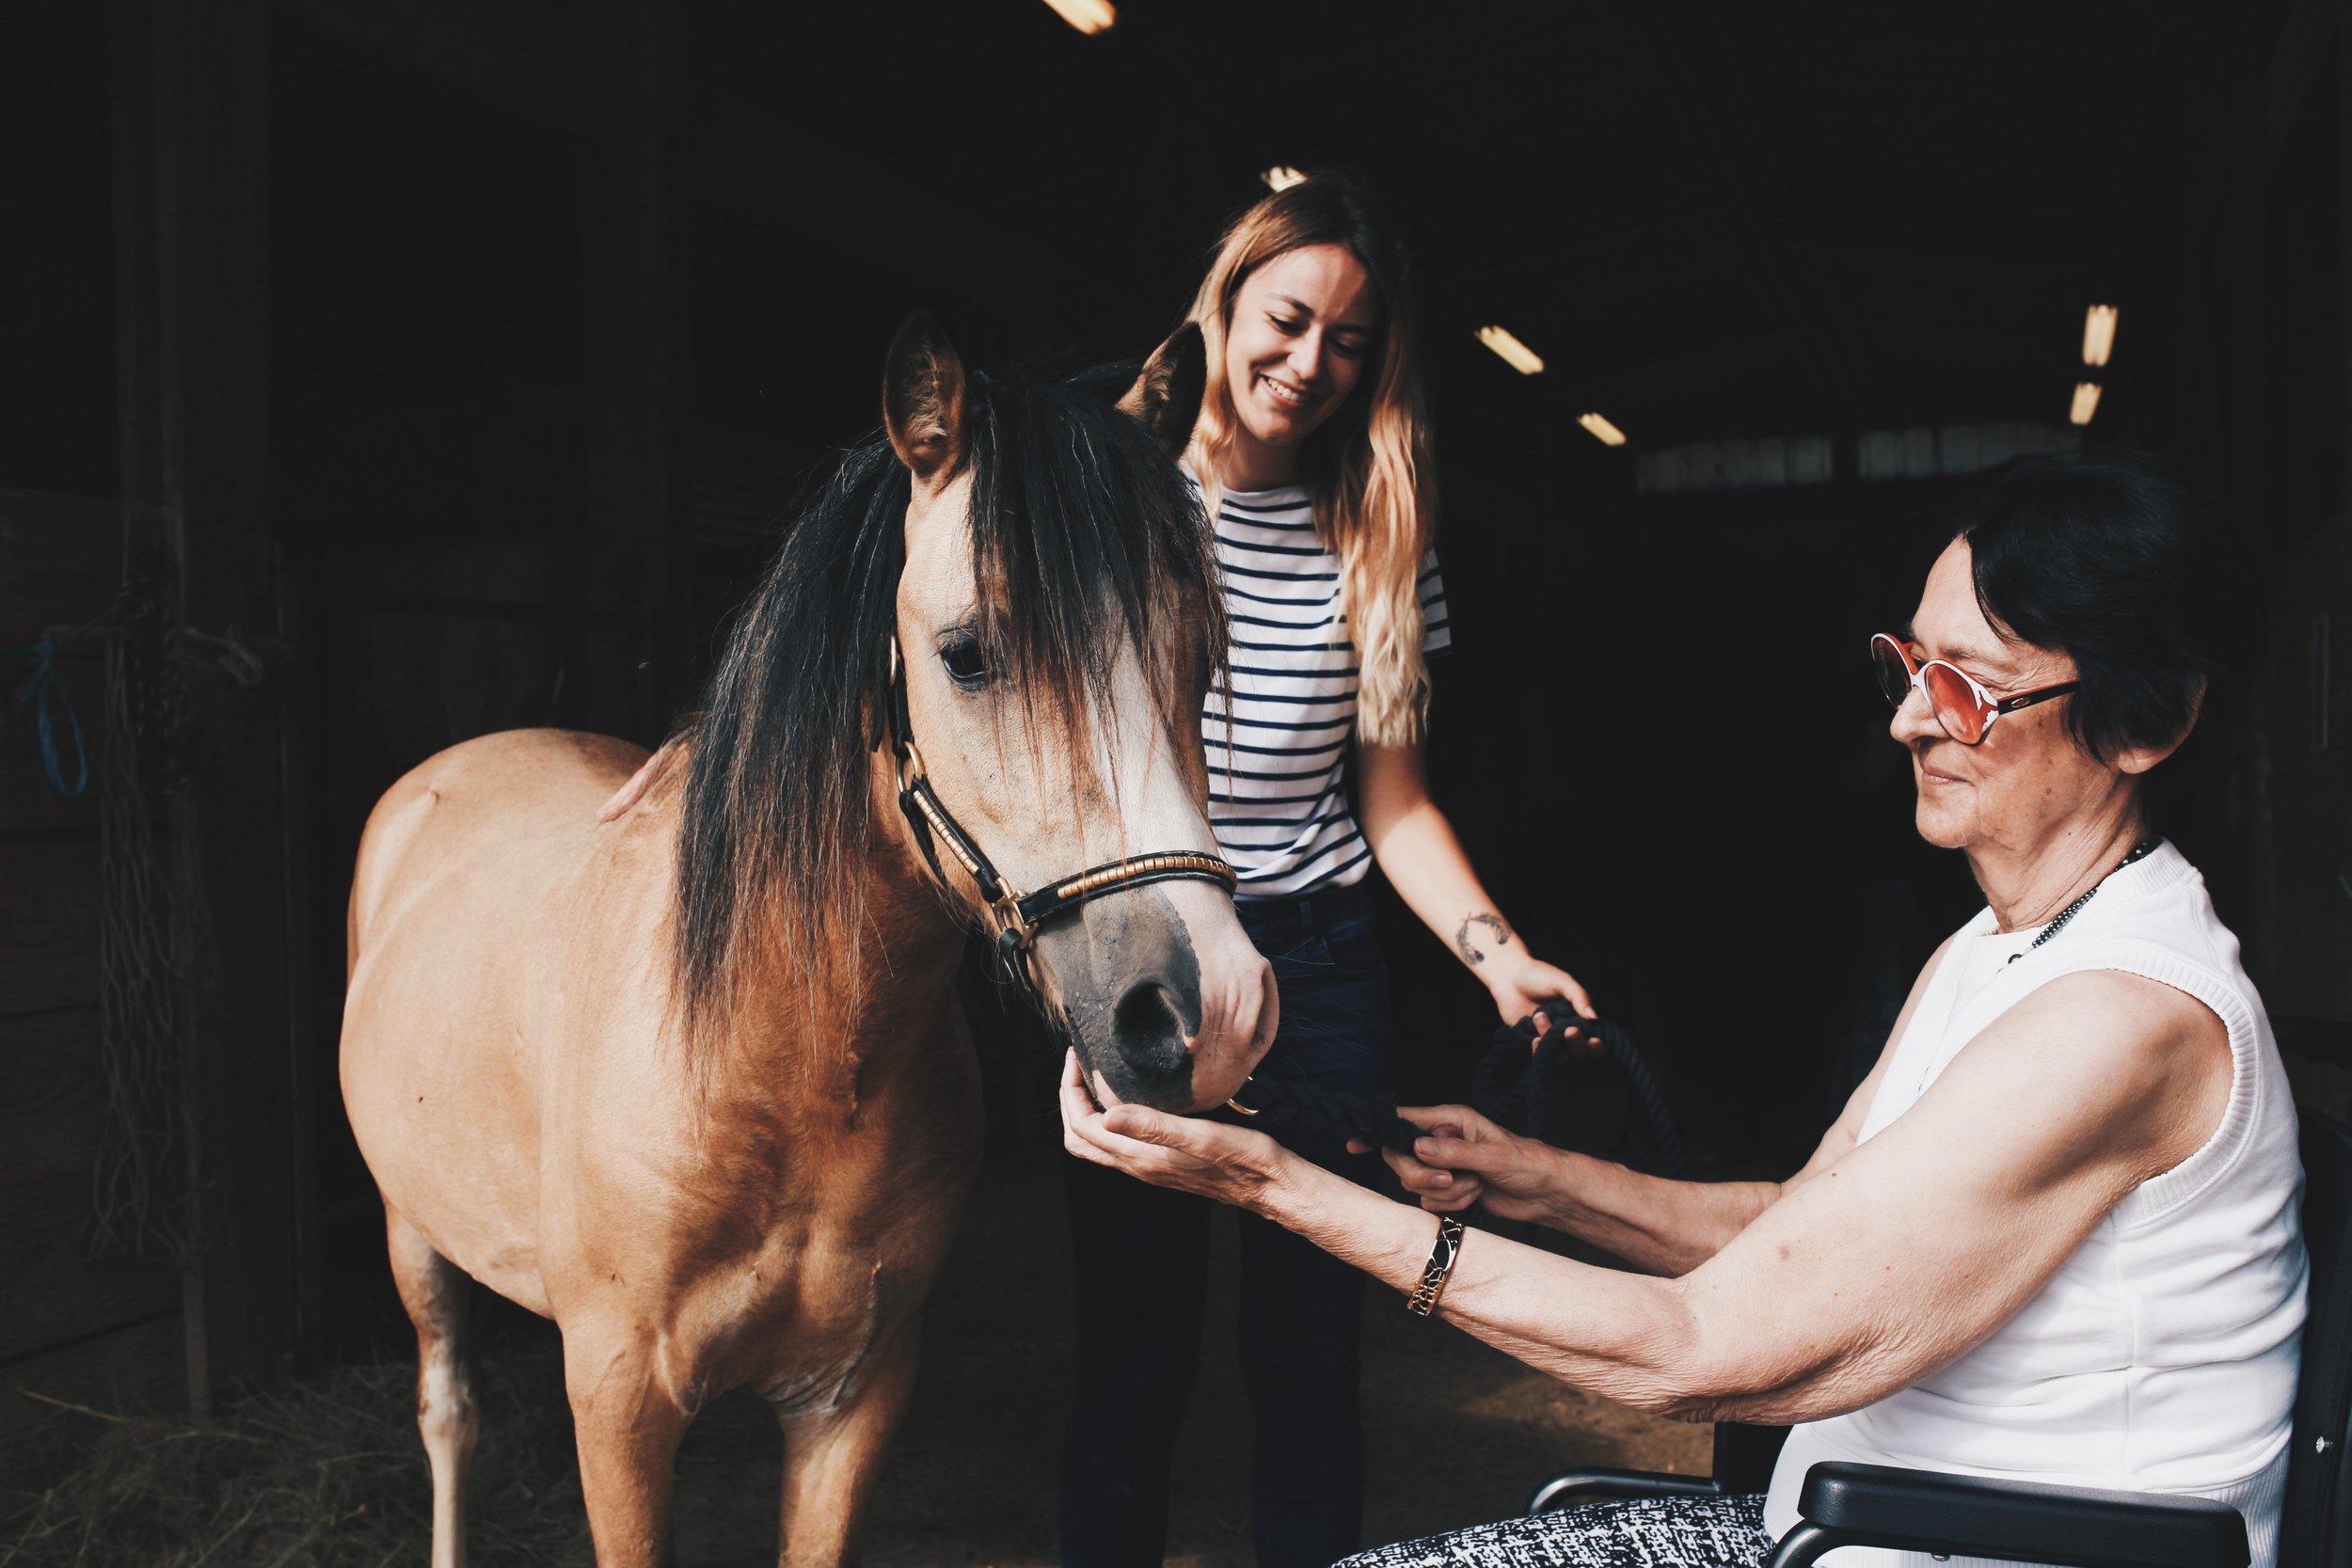 Bienfaits - De la relation avec le cheval naissent l'utilisation et le développement des pleines capacités de la personne, qu'elles soient psychologiques ou corporelles : communication, adaptation, apprentissages, concentration, conscience de soi et de l'autre, gestion émotionnelle, équilibre postural, utilisation de la motricité fine et globale, éveil des sens…